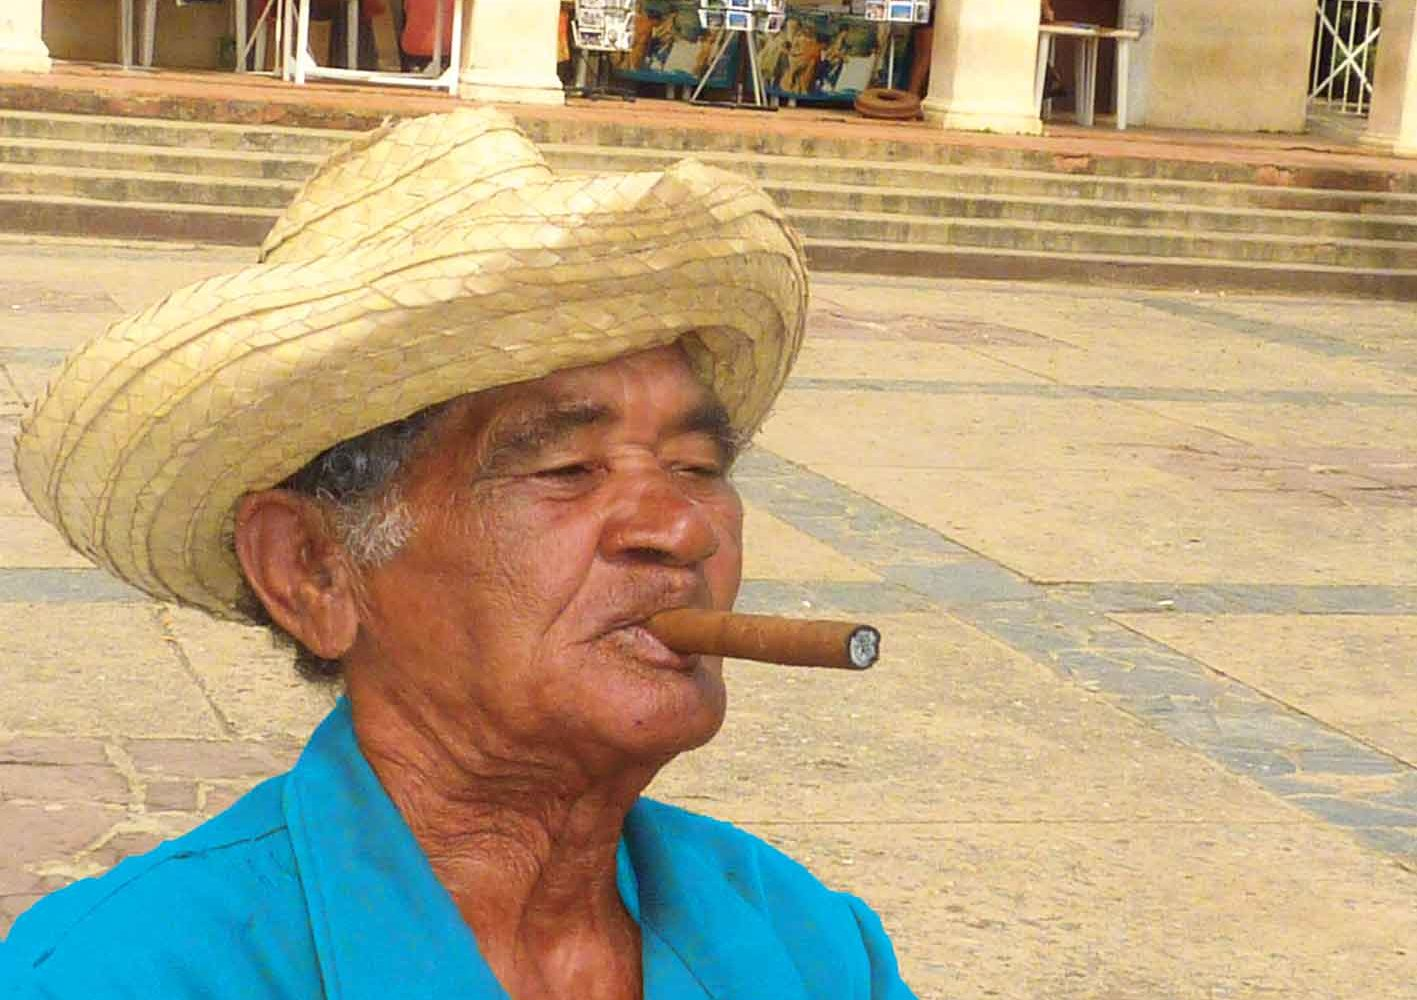 Typische Reiseimpression aus Kuba - ein Einheimischer raucht eine Zigarre